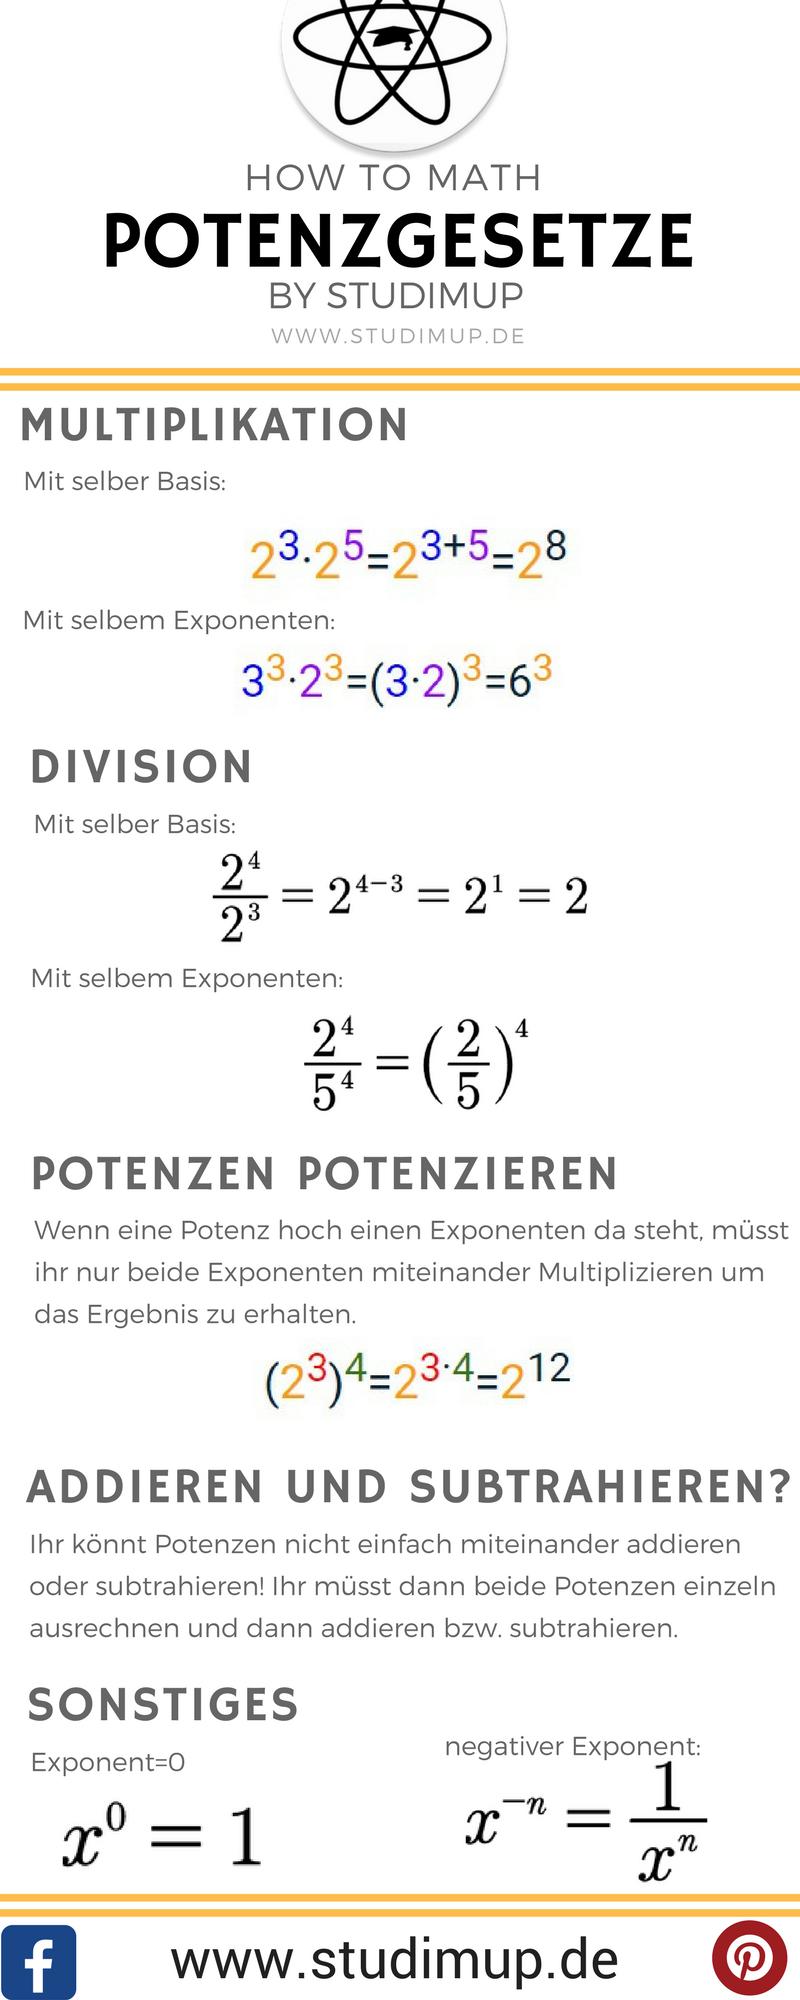 Potenzgesetze in einer Übersicht erklärt mit Beispielen. So rechnet ...